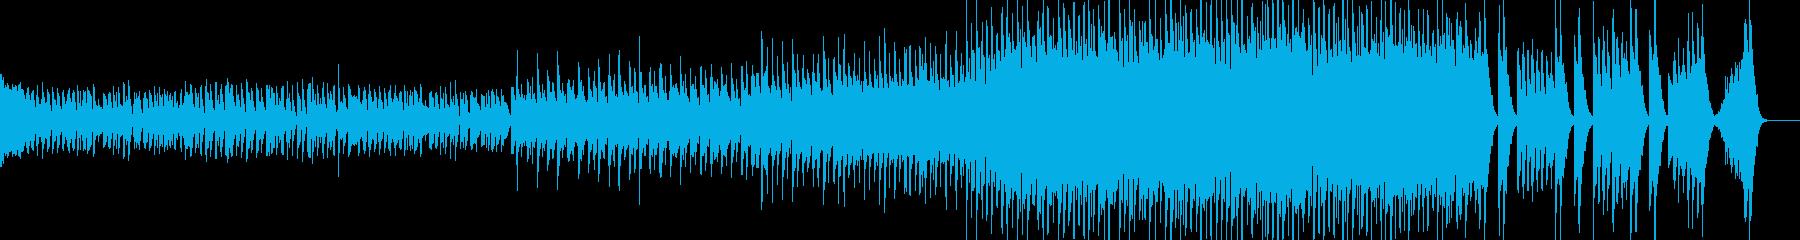 『ペール・ギュント』第1組曲より第四曲の再生済みの波形